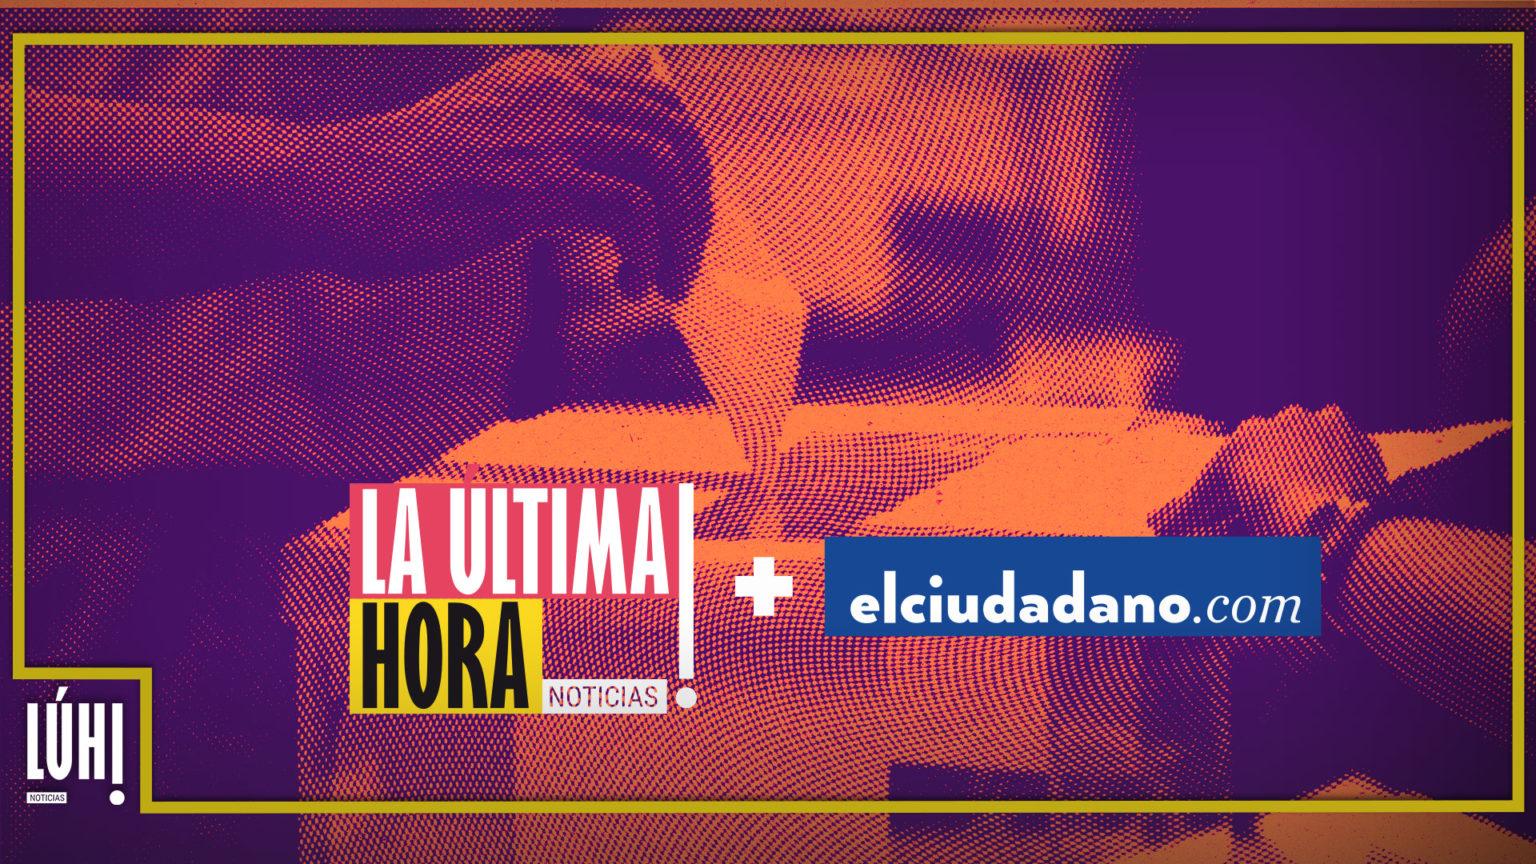 «Los referéndums fortalecen las democracias»: El Ciudadano y La Última Hora estrenan colaboración